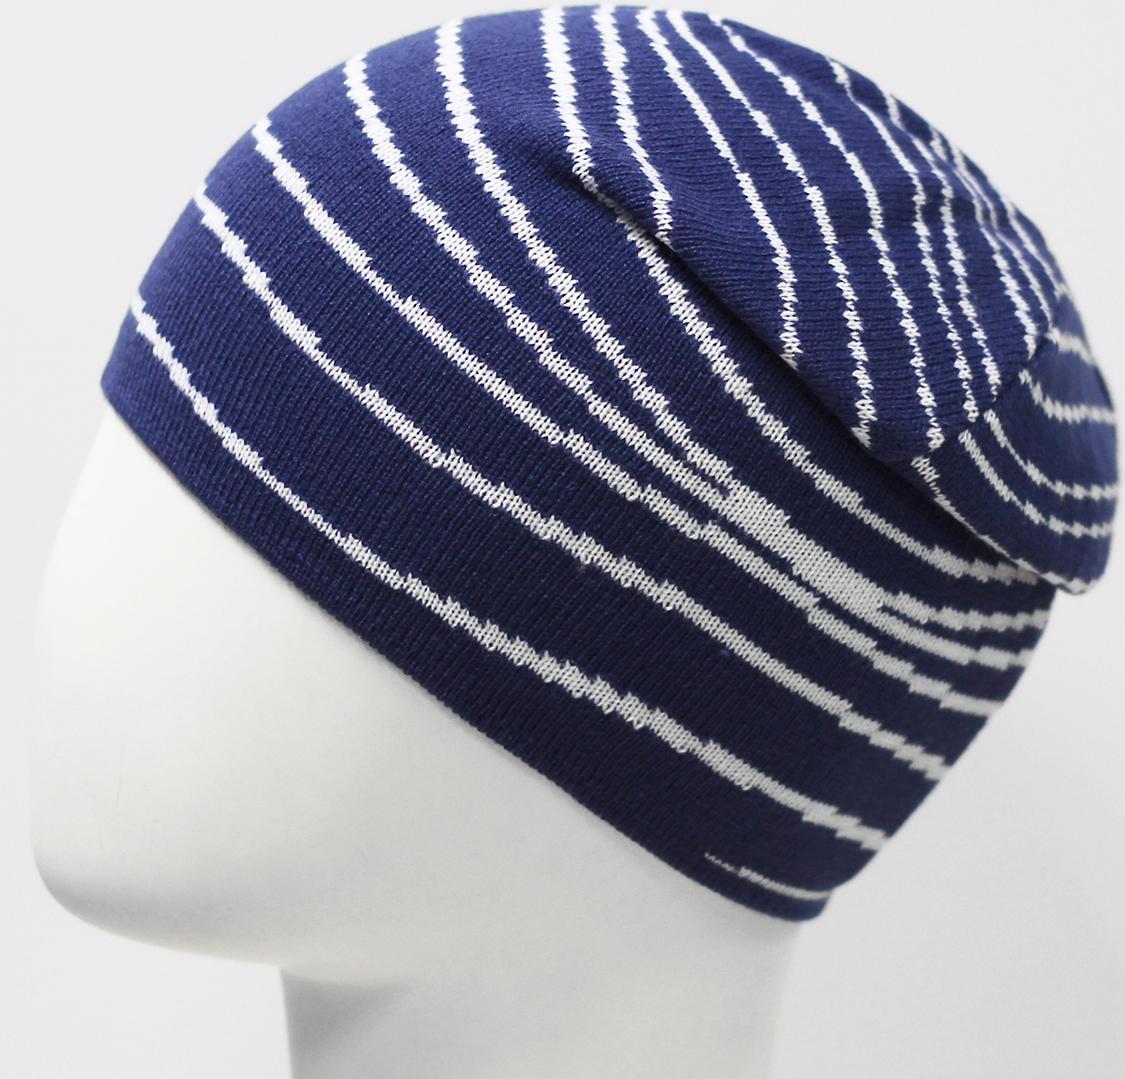 Шапка для мальчика Elfrio, цвет: синий. RBH7496. Размер 52/54RBH7496Стильная шапка для мальчика Elfrio идеально подойдет для прогулок в холодное время года. Изготовленная из высококачественного материала, она обладает хорошими дышащими свойствами и отлично удерживает тепло. Изделие великолепно тянется и удобно сидит. Такая шапочка великолепно дополнит любой наряд. Шапка украшена контрастным геометрическим узором. Такая шапка станет модным и стильным дополнением гардероба вашего ребенка. Она поднимет ему настроение даже в самые морозные дни! Уважаемые клиенты!Размер, доступный для заказа, является обхватом головы.